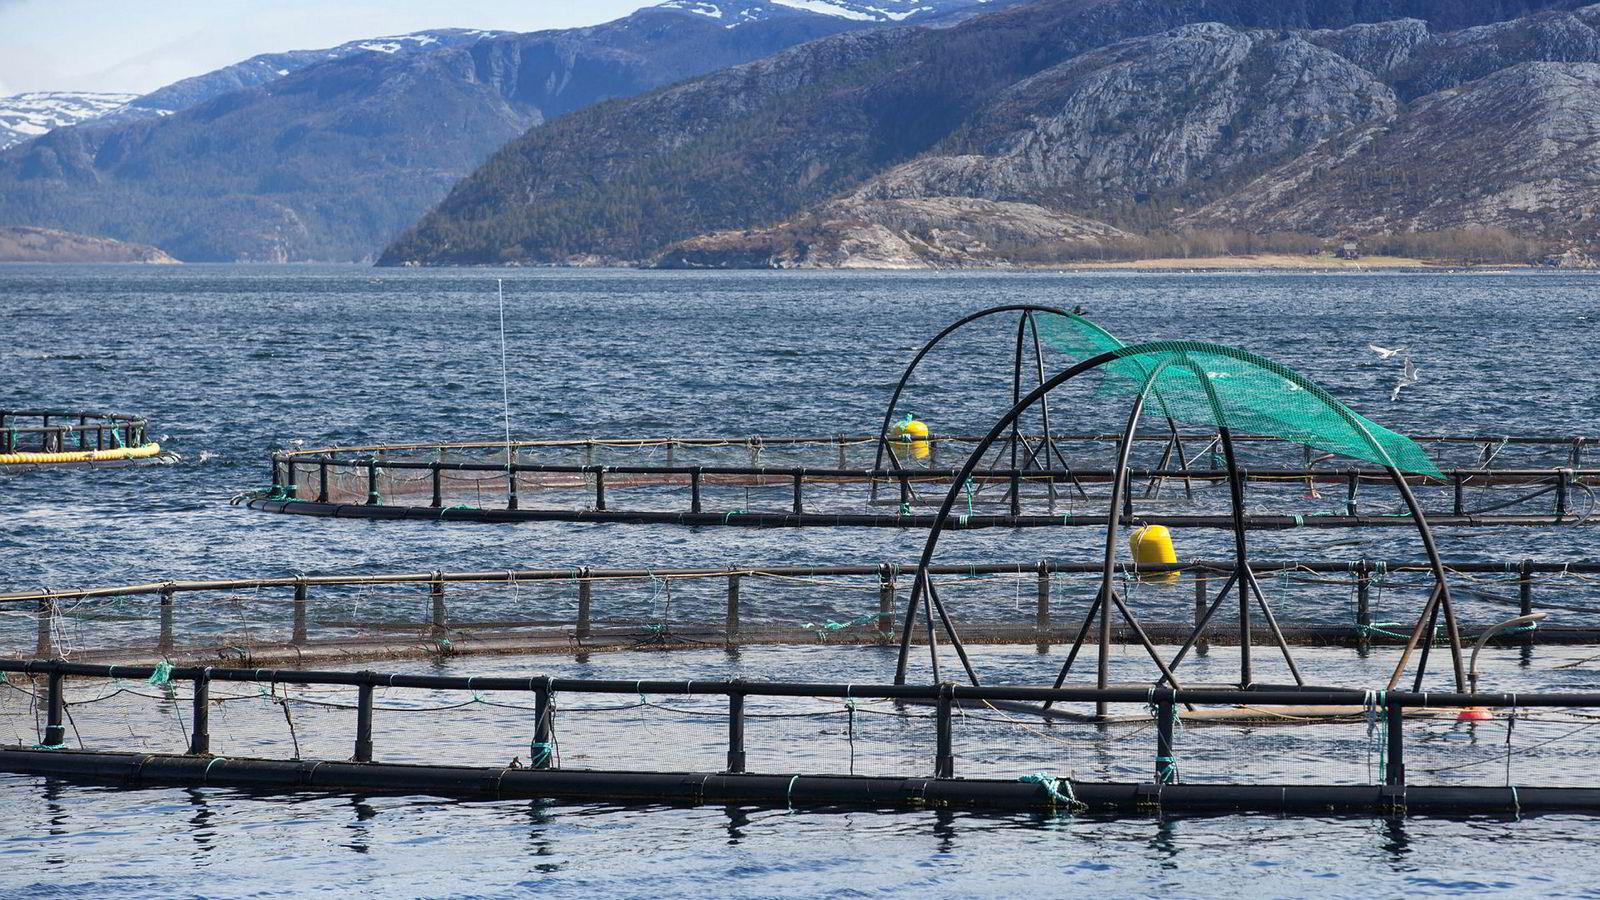 Produksjon av laks i åpne merder er blant de absolutt mest miljøvennlige formene for matproduksjon vi har, og det burde strengt tatt være en kilde til stolthet for norske politikere.